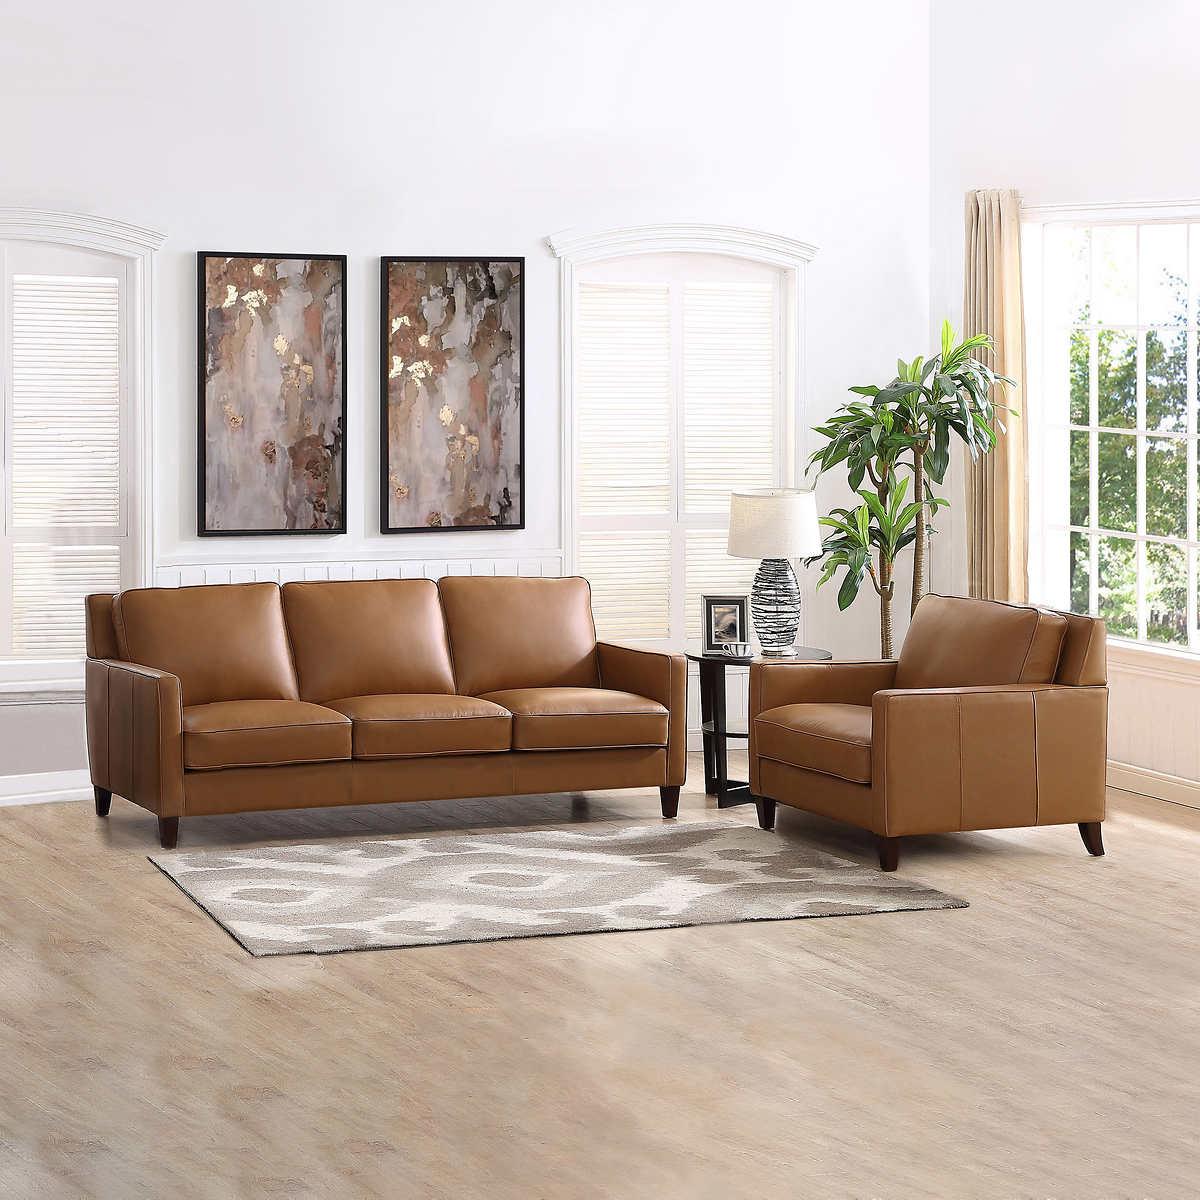 West Park 2-piece Top Grain Leather Set - Sofa, Chair